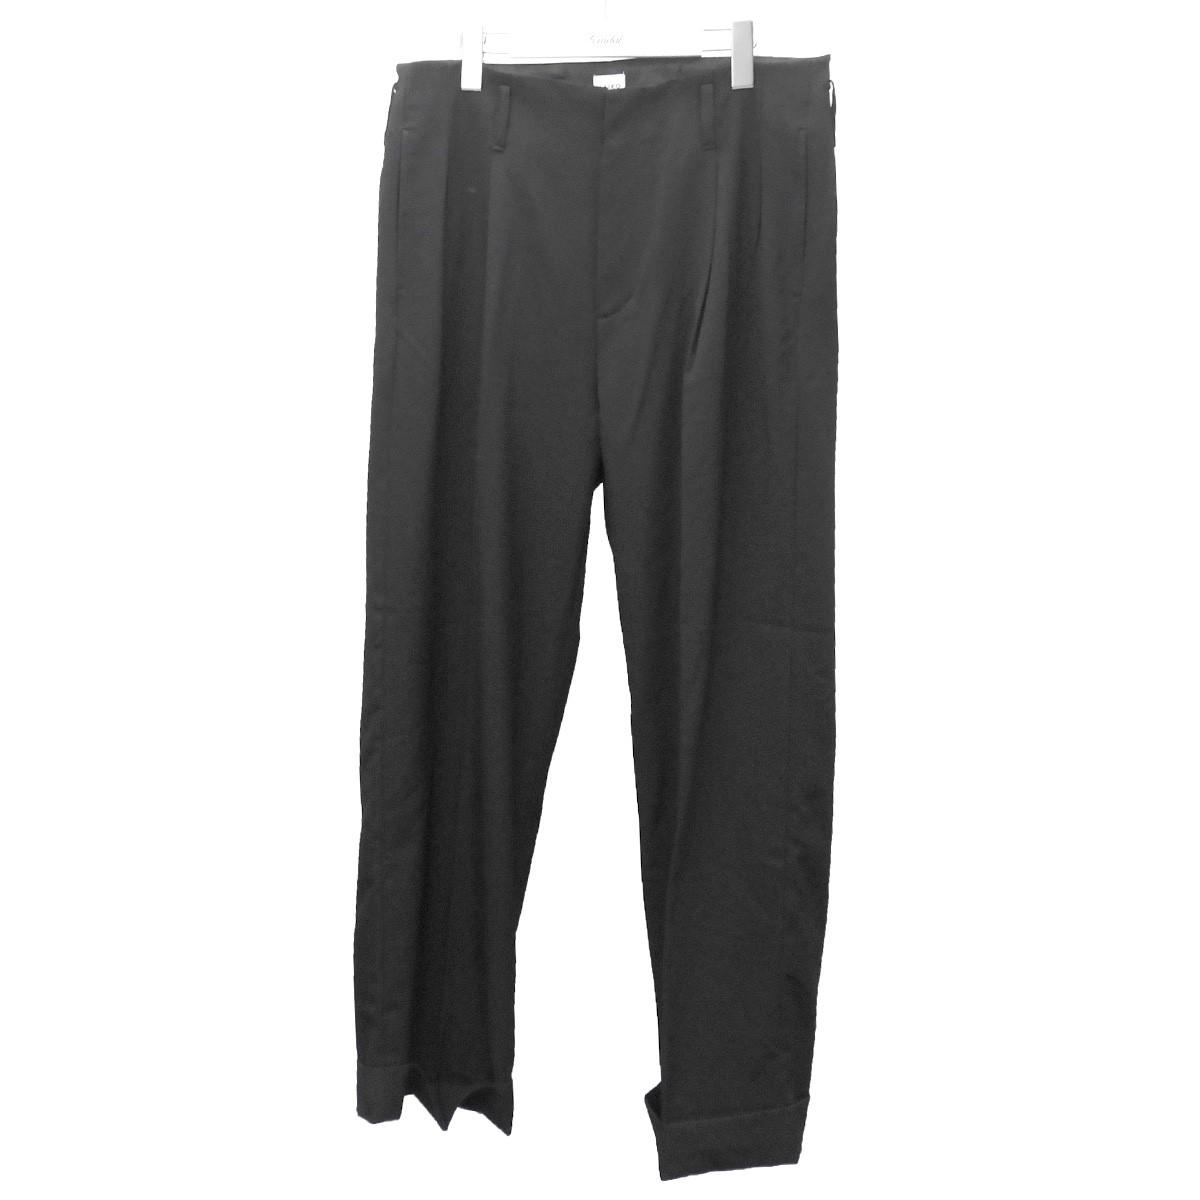 【中古】KAIKO 2019AW 「WIDE SLACKS」ワイドスラックスパンツ ブラック サイズ:2 【290620】(カイコー)